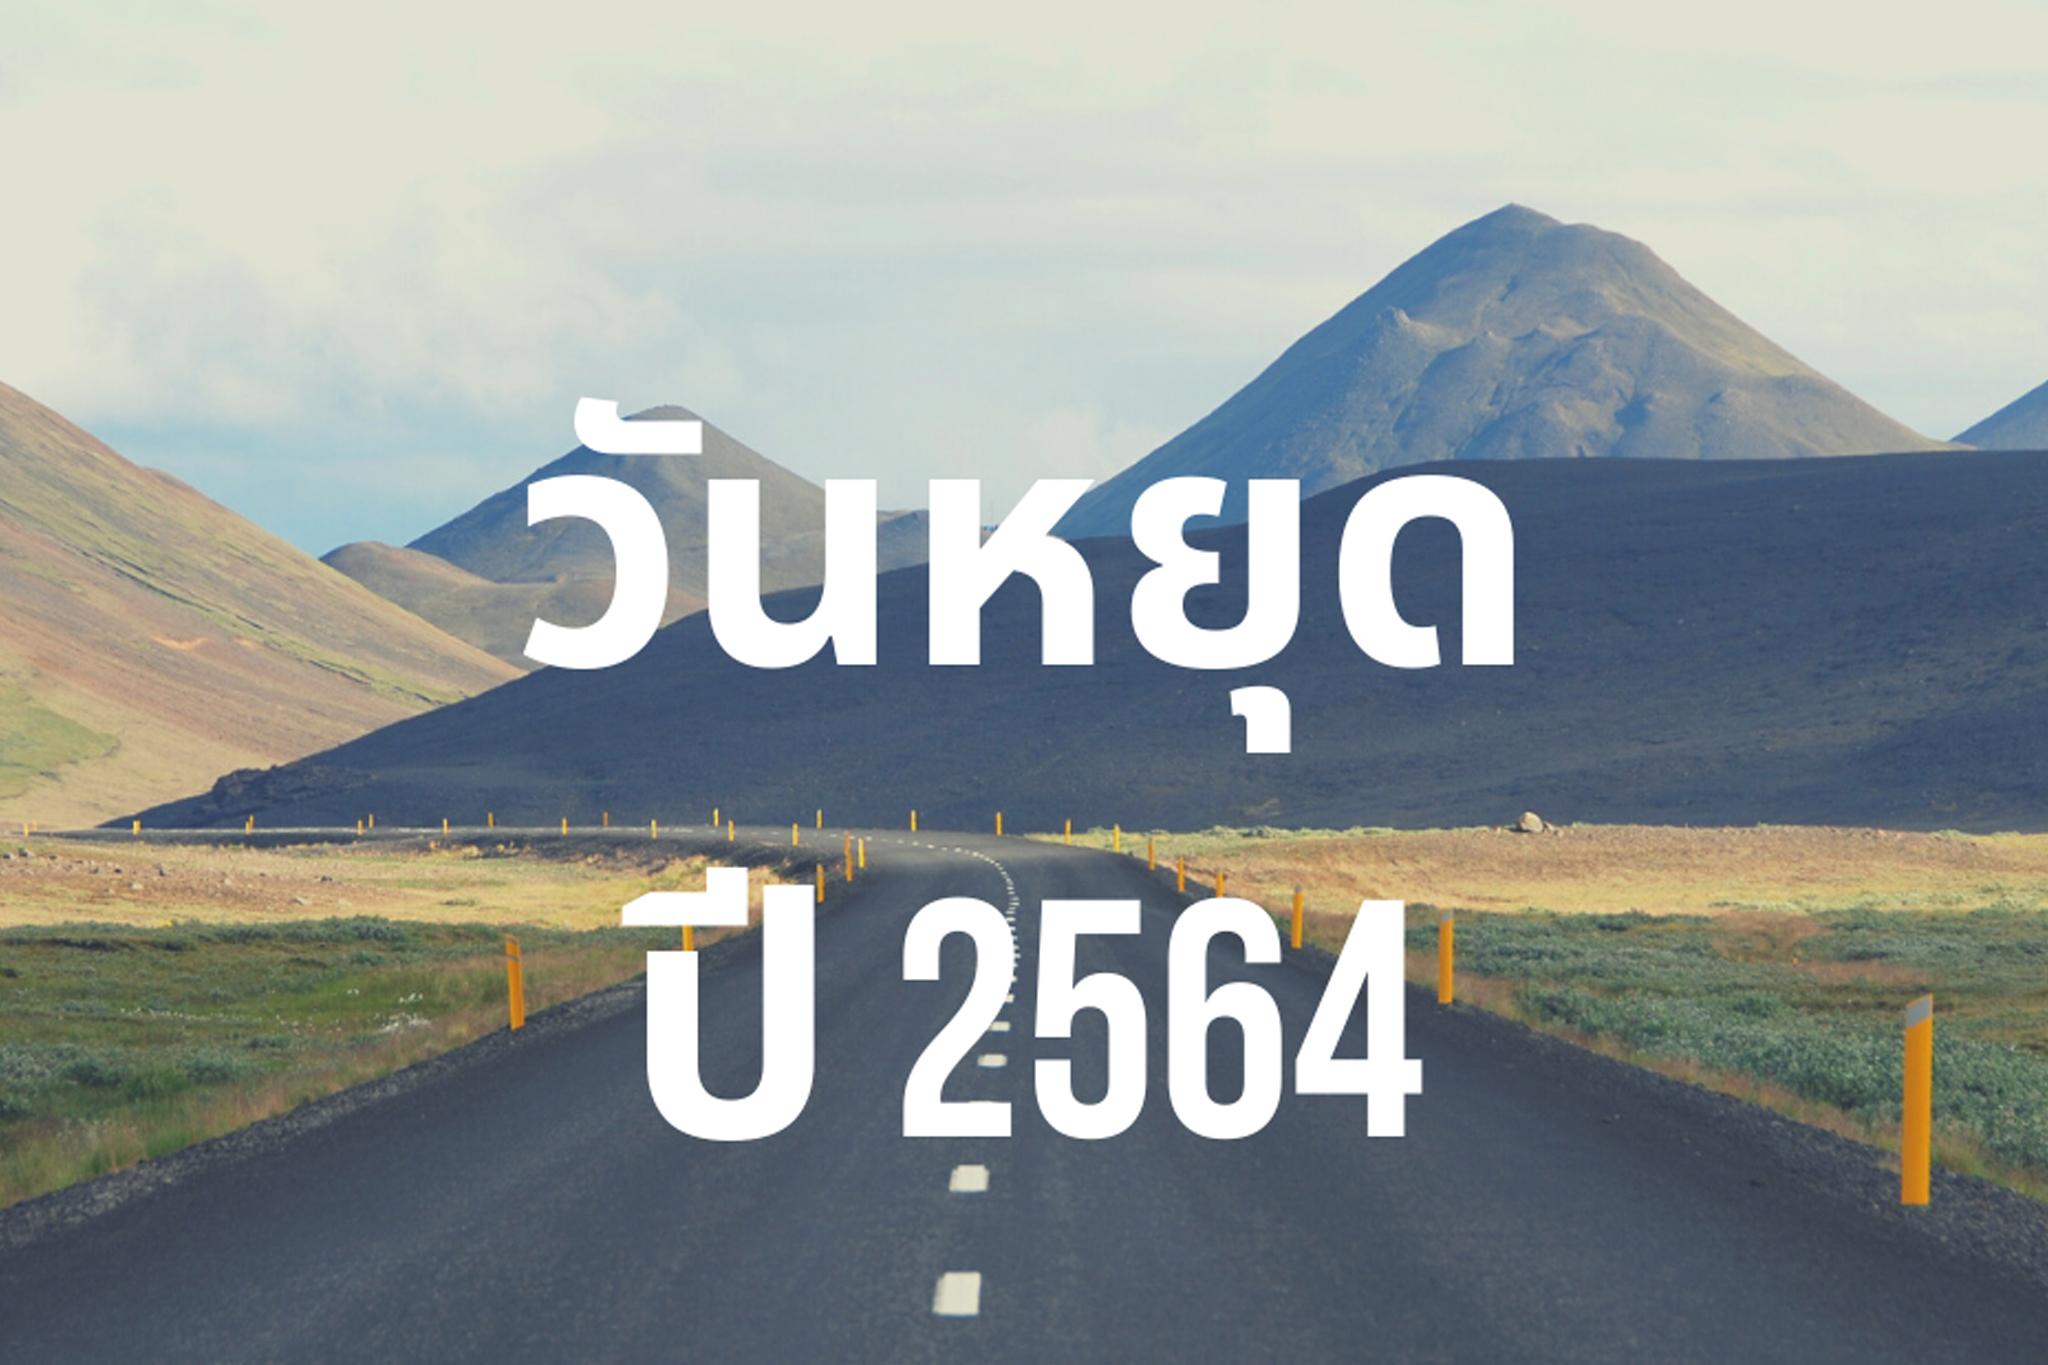 วันหยุดปี 2564 ปฏิทินวันหยุดราชการ และวันสำคัญในปี 2564